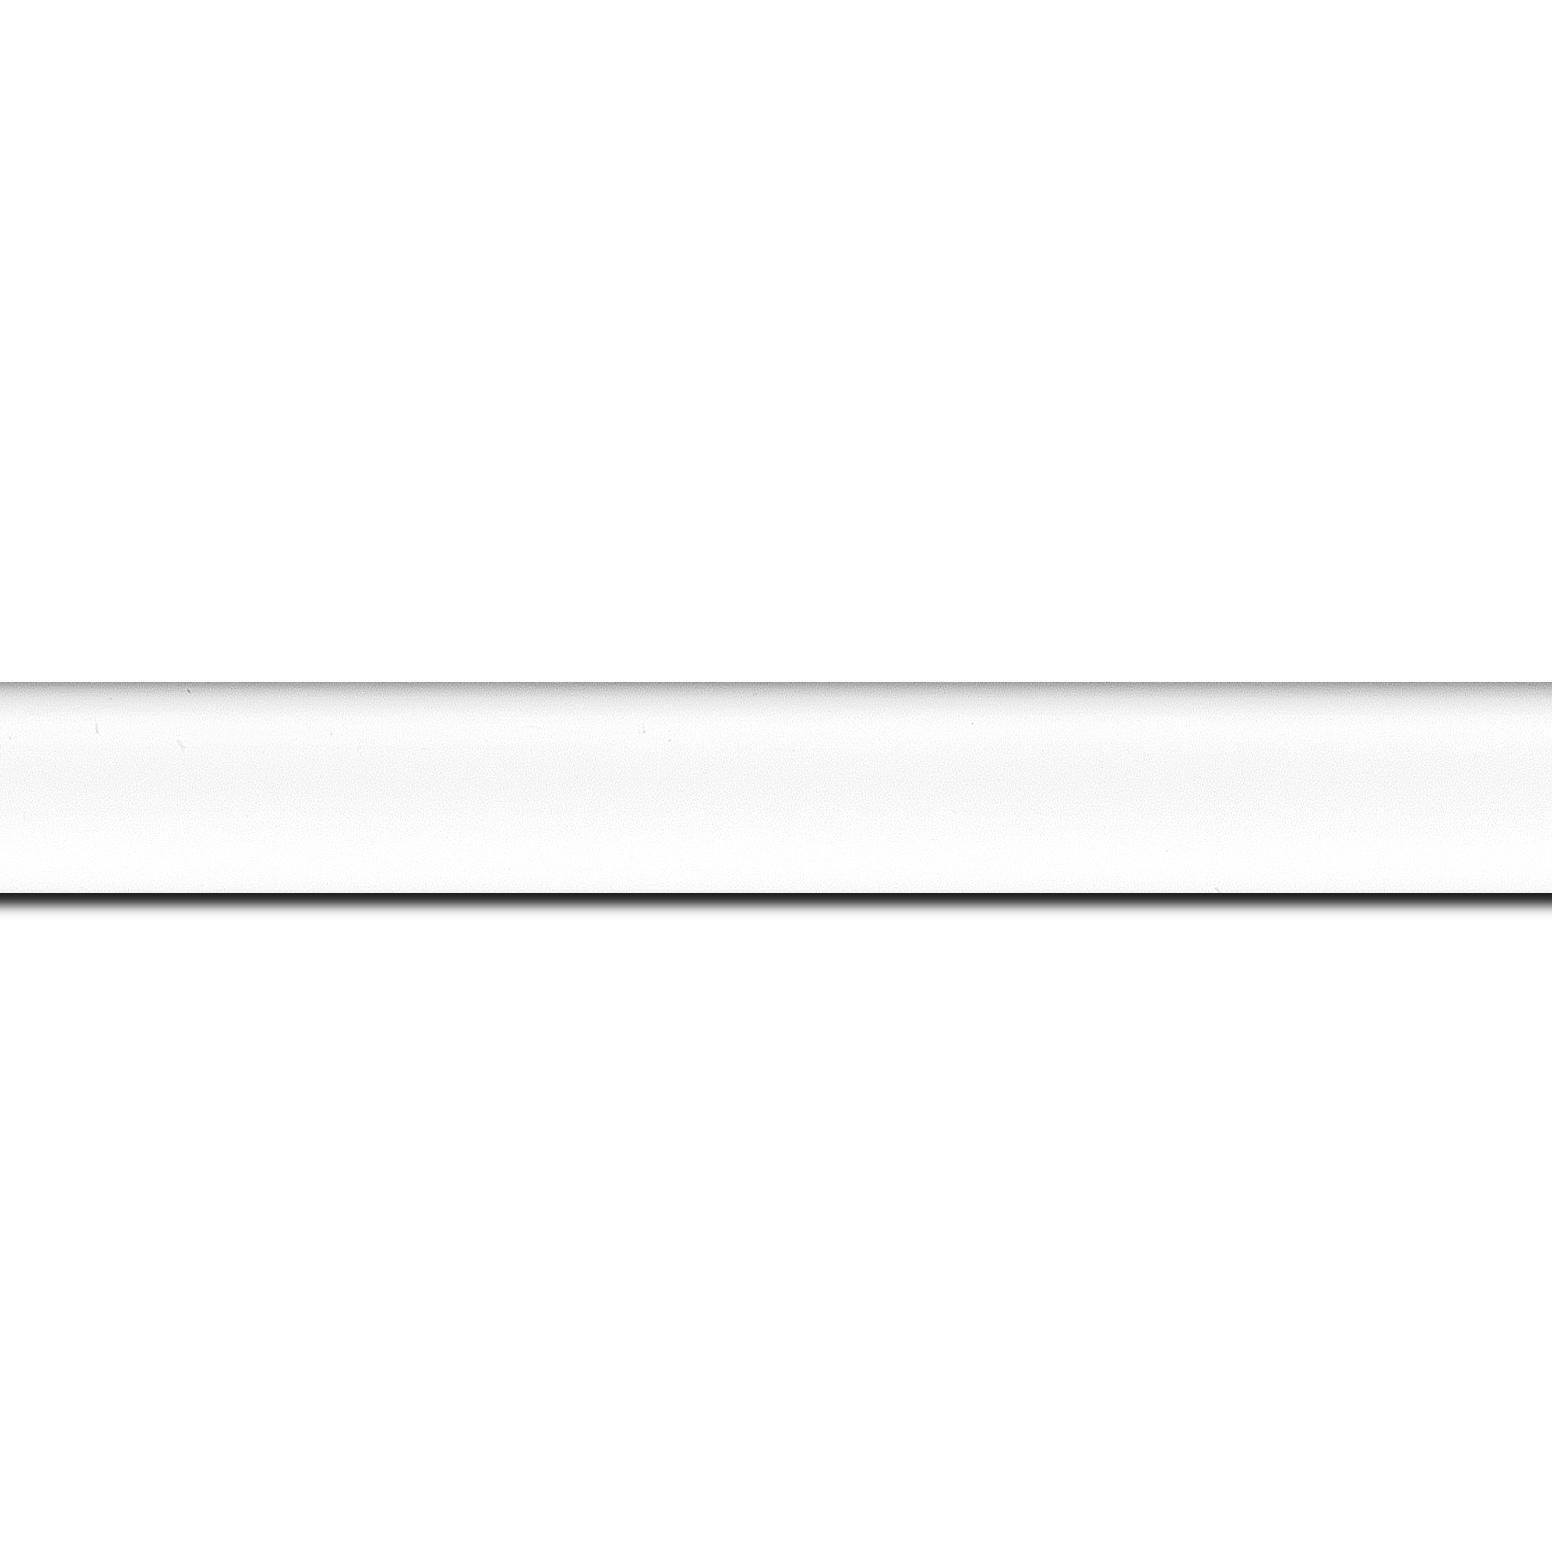 Baguette longueur 1.40m bois profil incuvé largeur 2.1cm couleur blanc mat